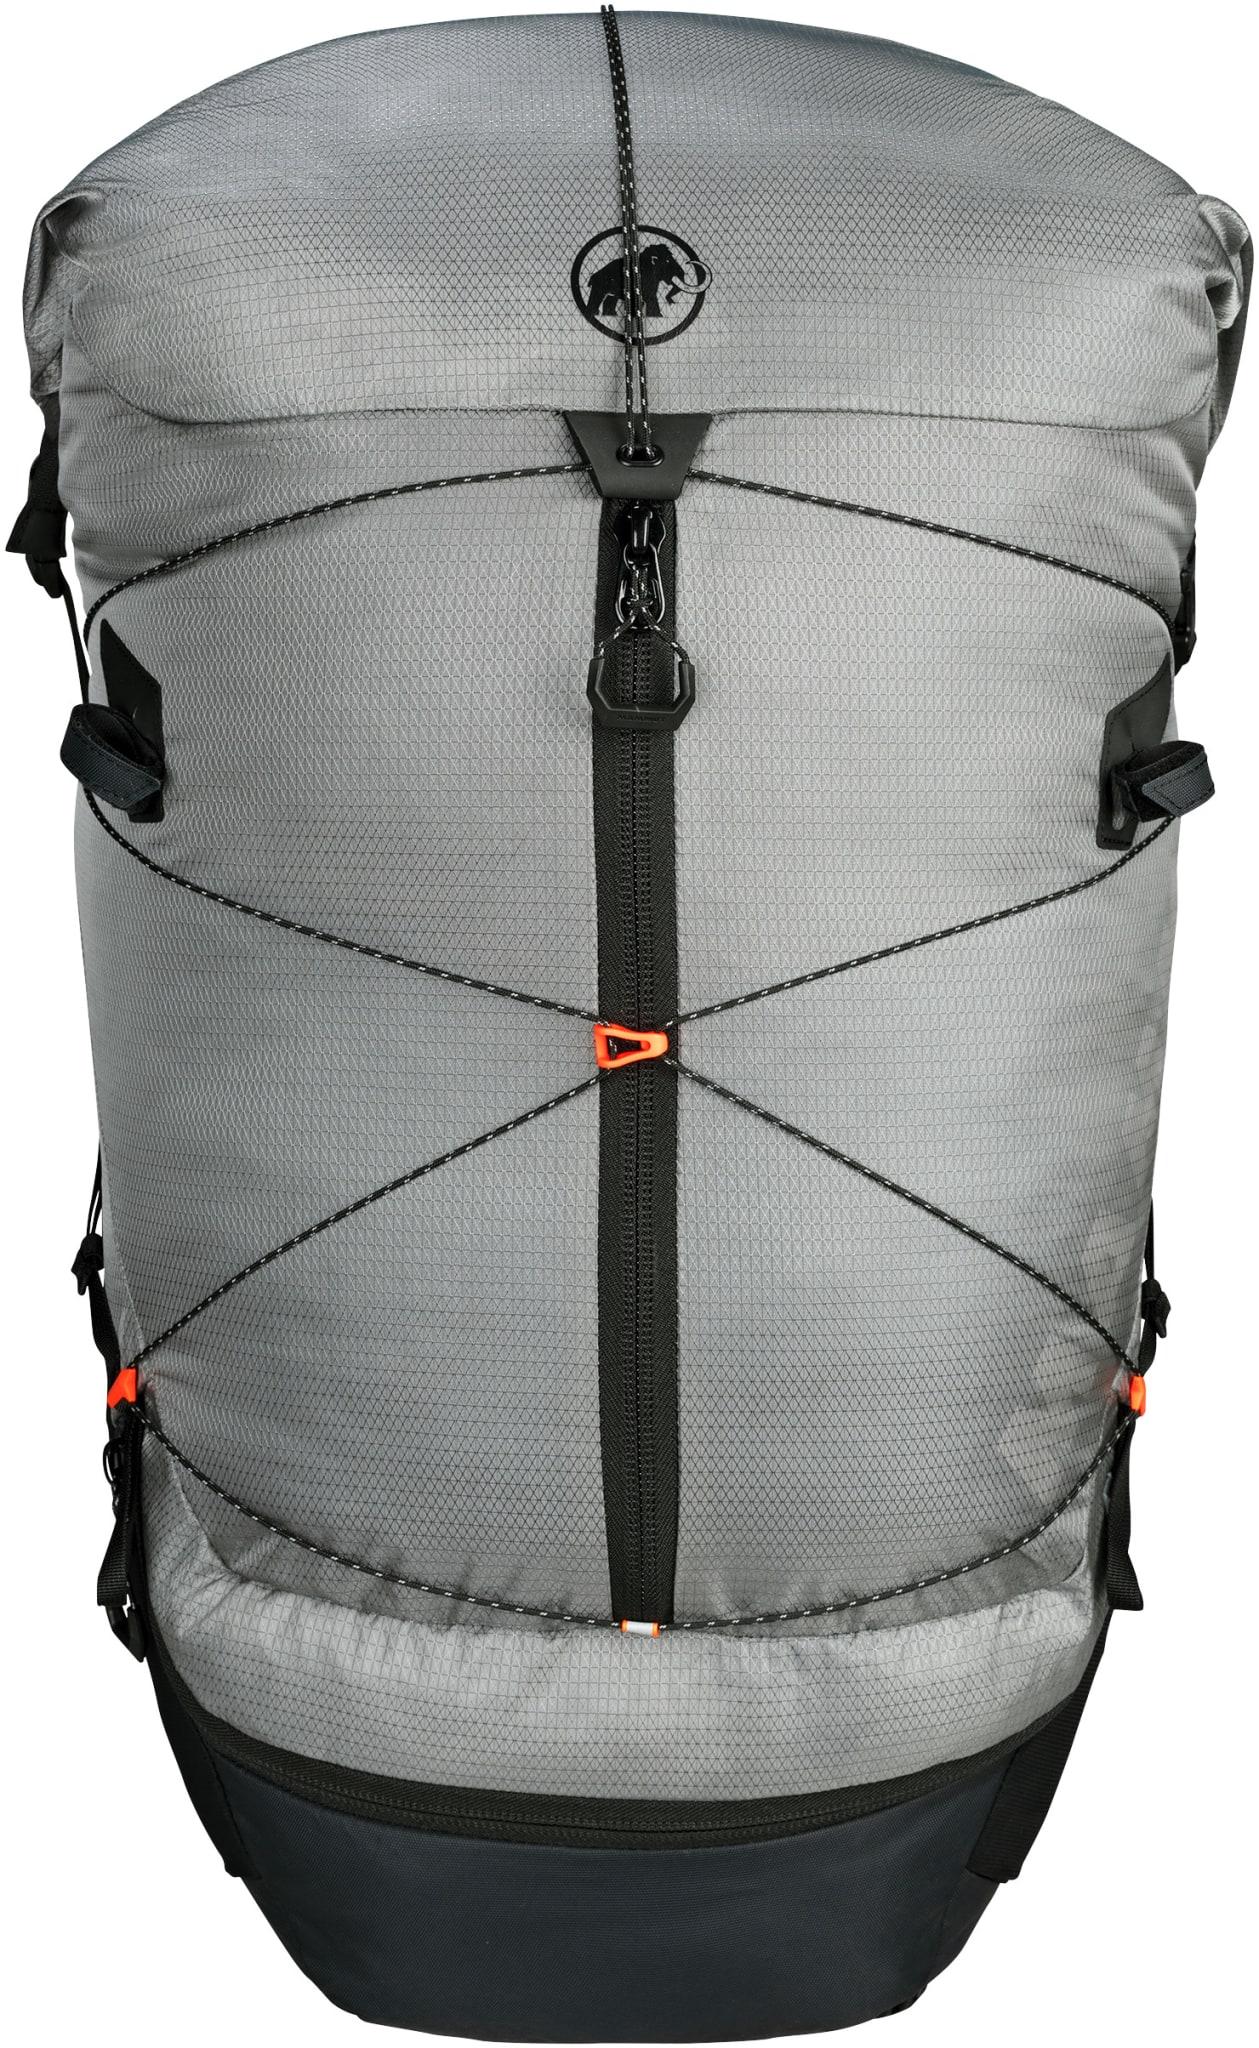 Luftig sekk for turer fra hytte til hytte, eller lette teltturer